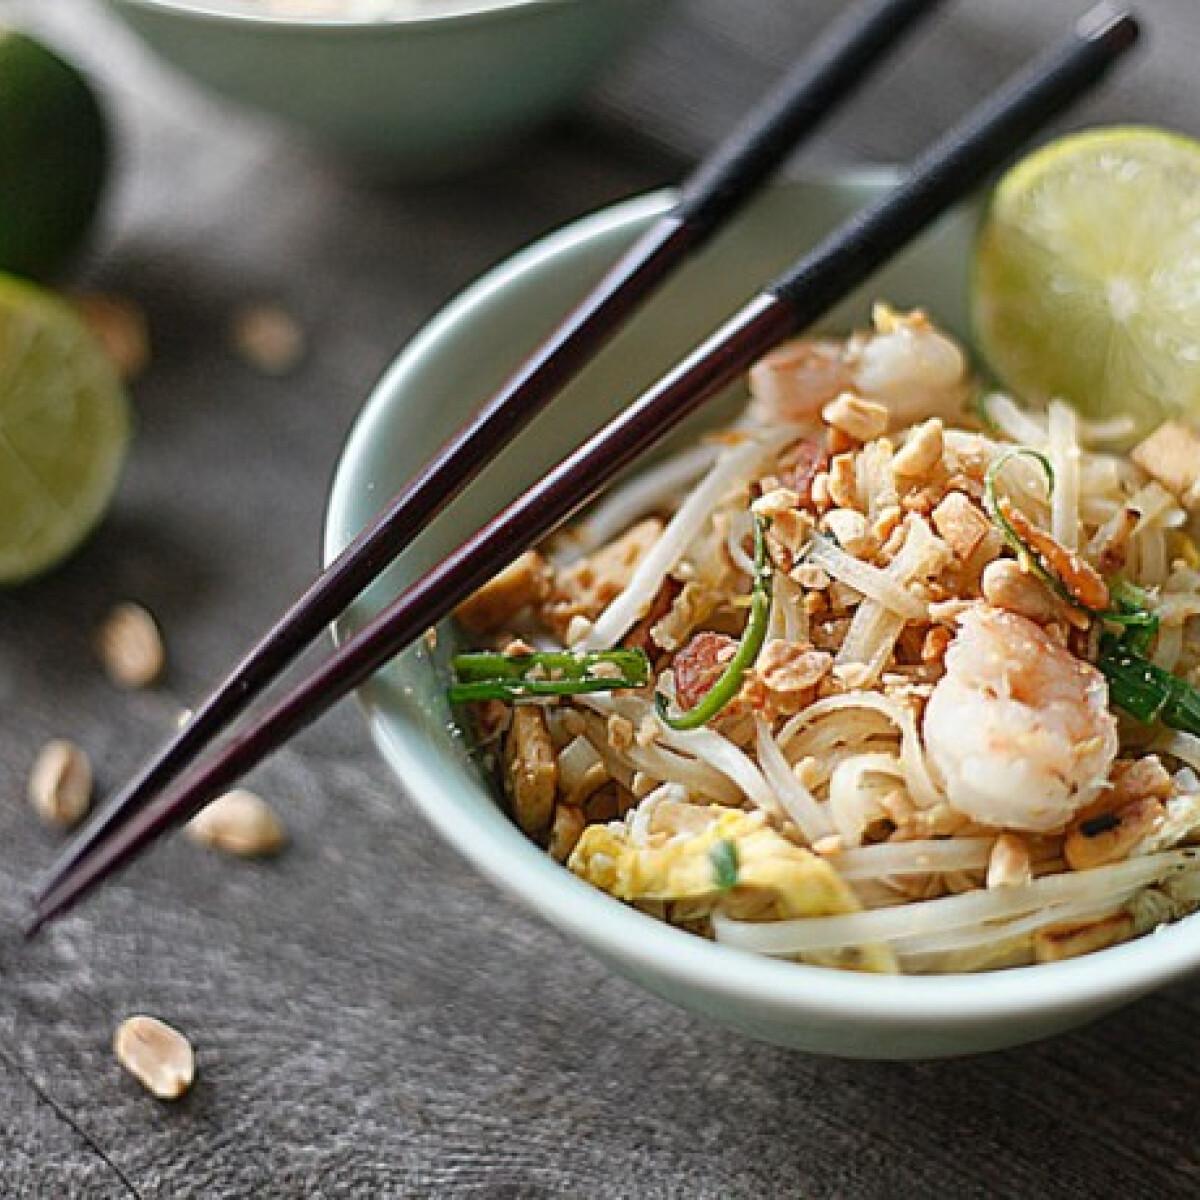 Ezen a képen: Pad thai Dacota konyhájából